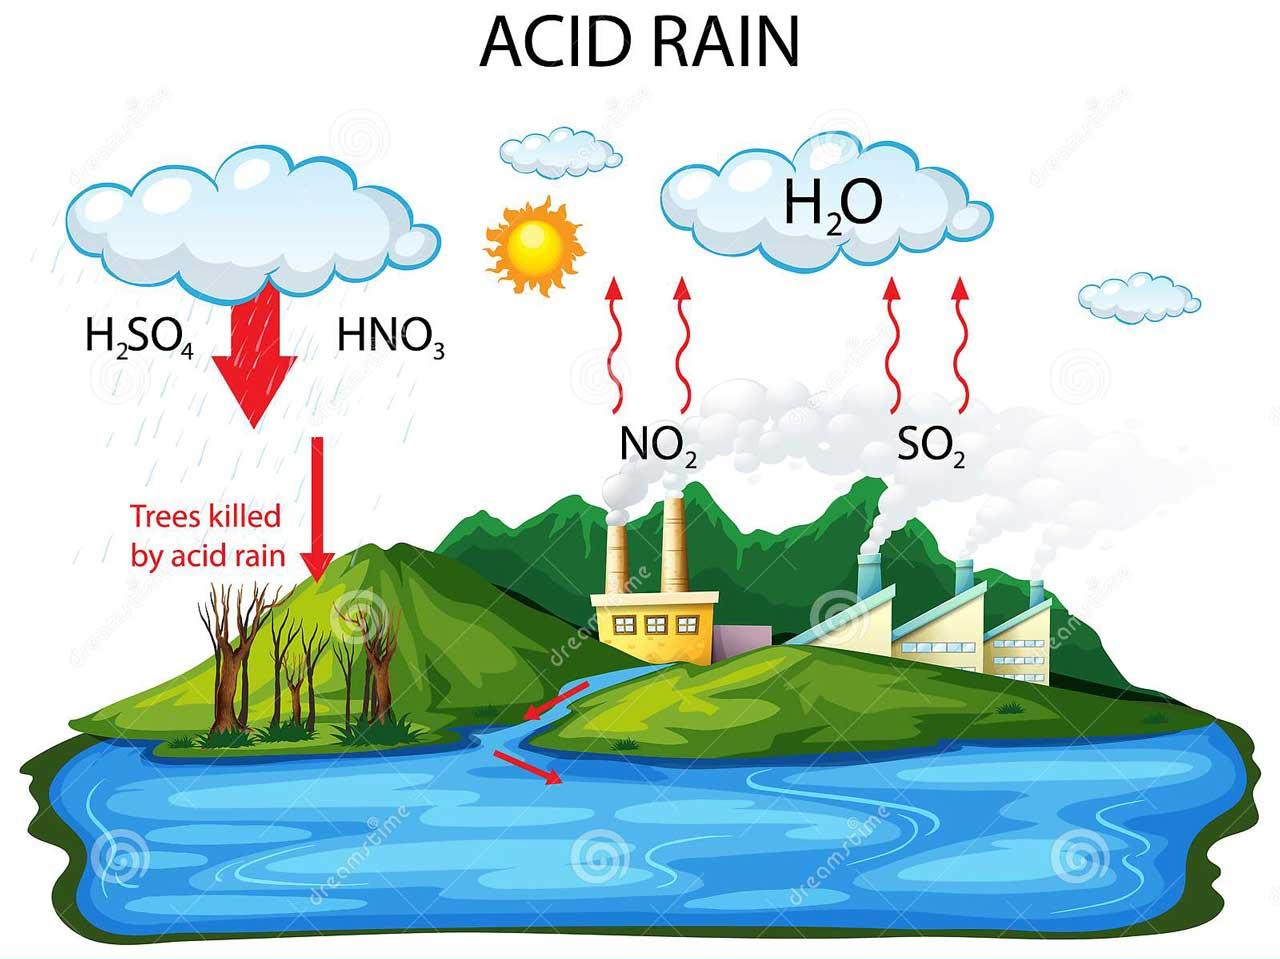 mưa axit hình thành từ khí NO2 và NOX